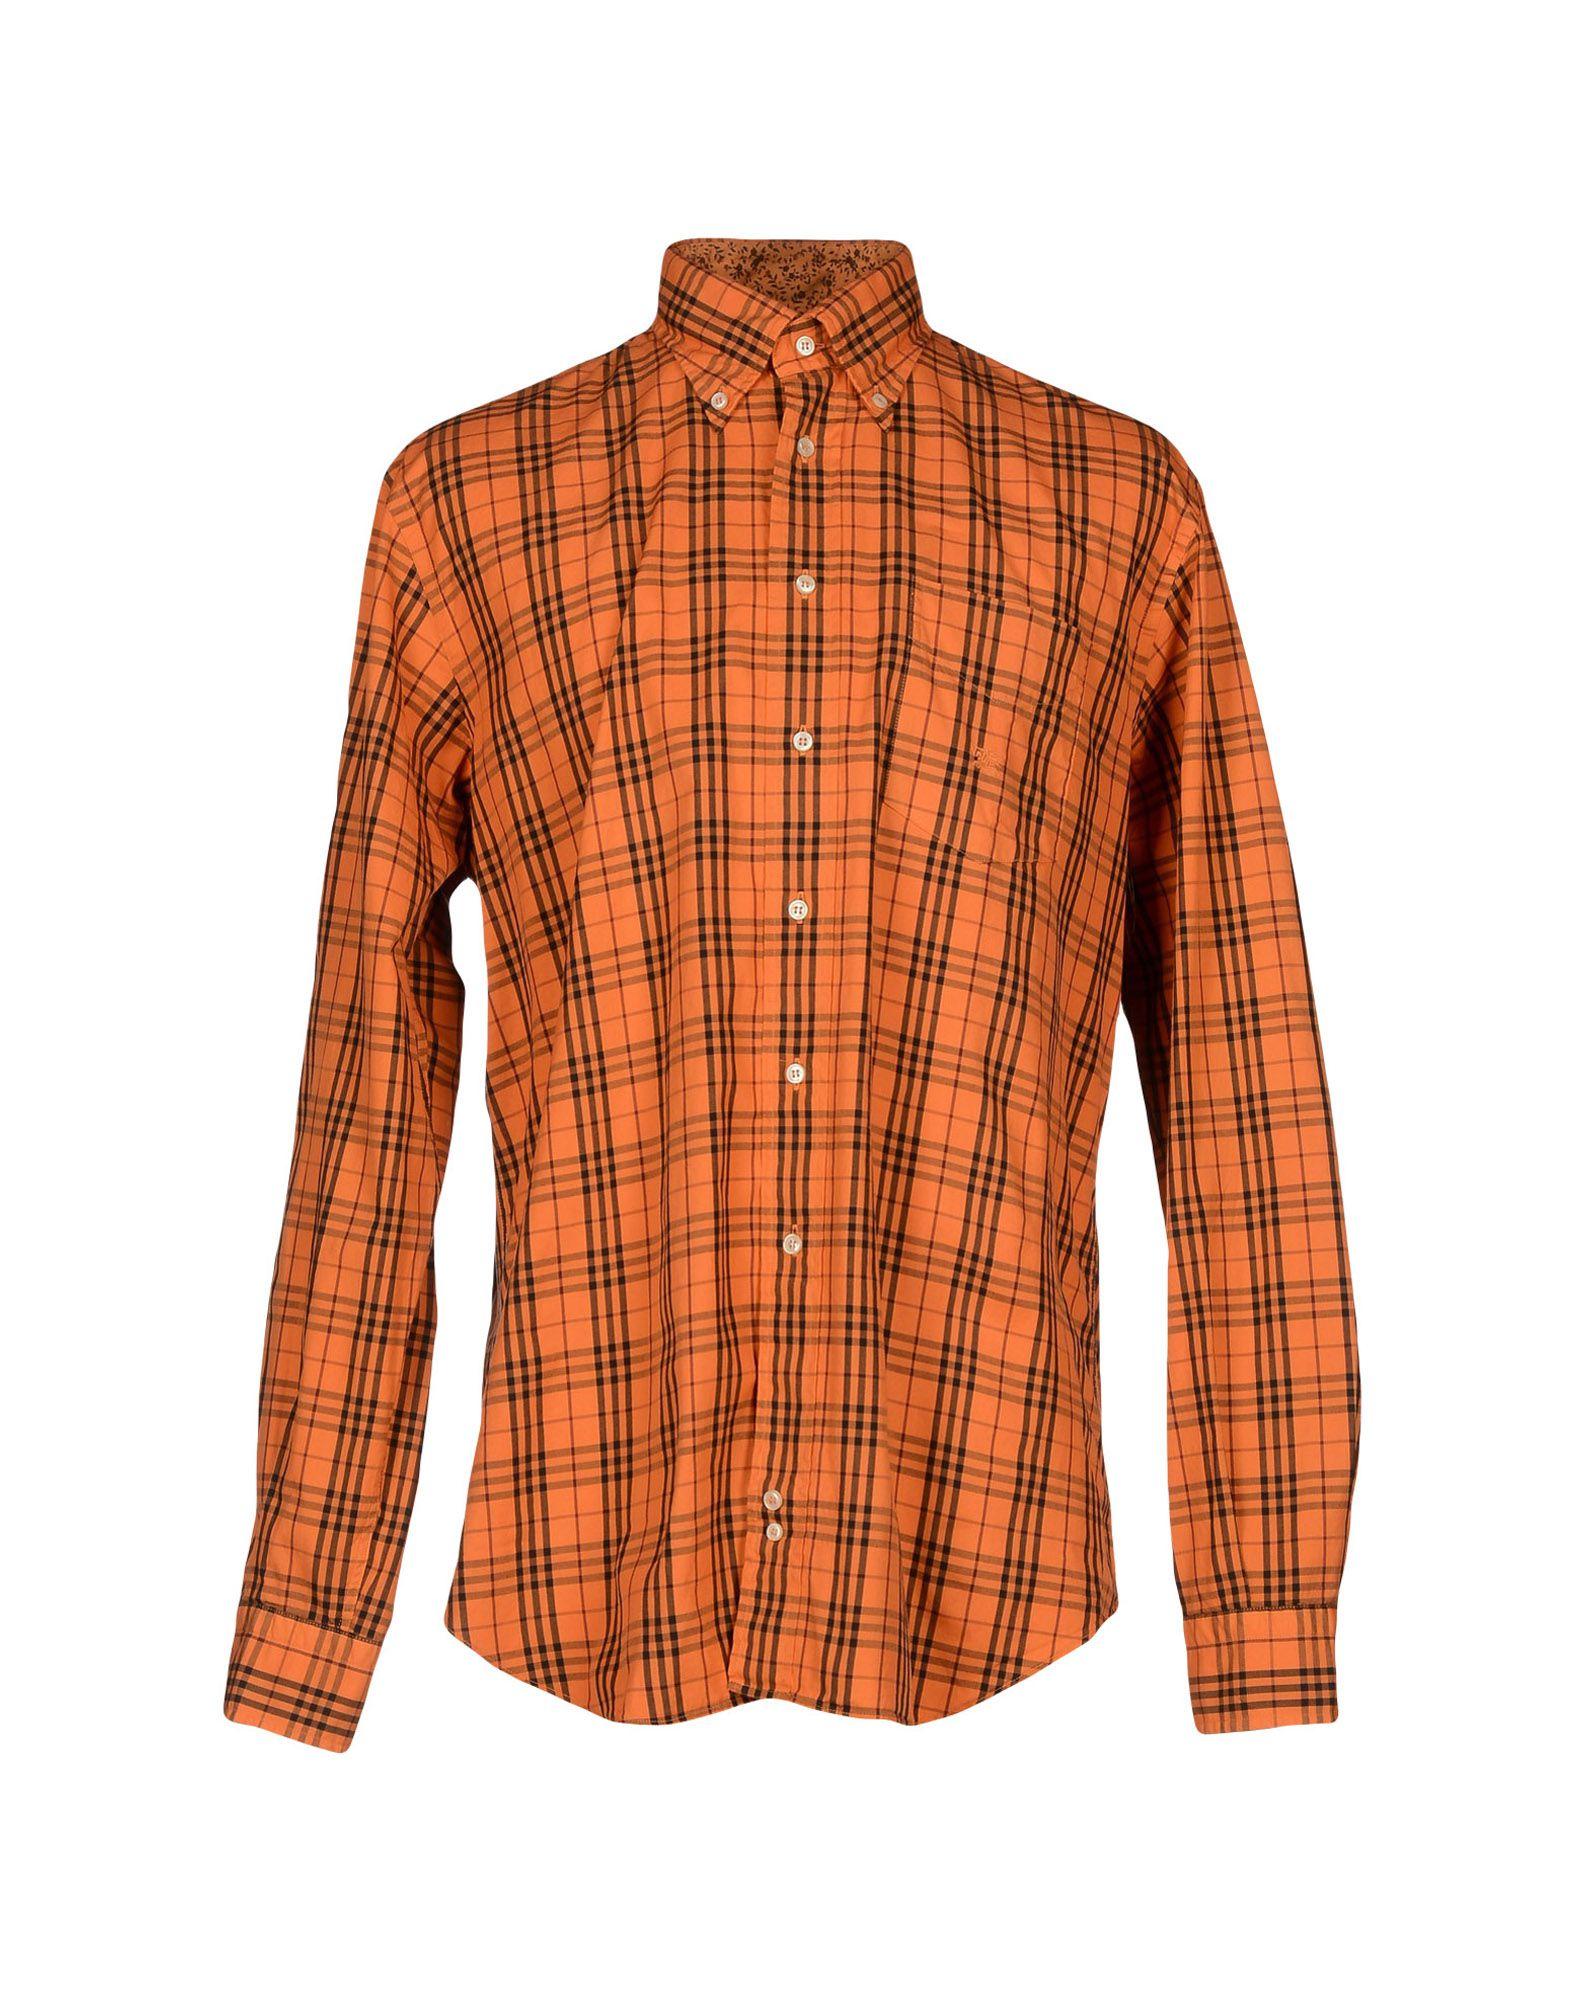 Burberry London Shirt In Orange For Men Lyst